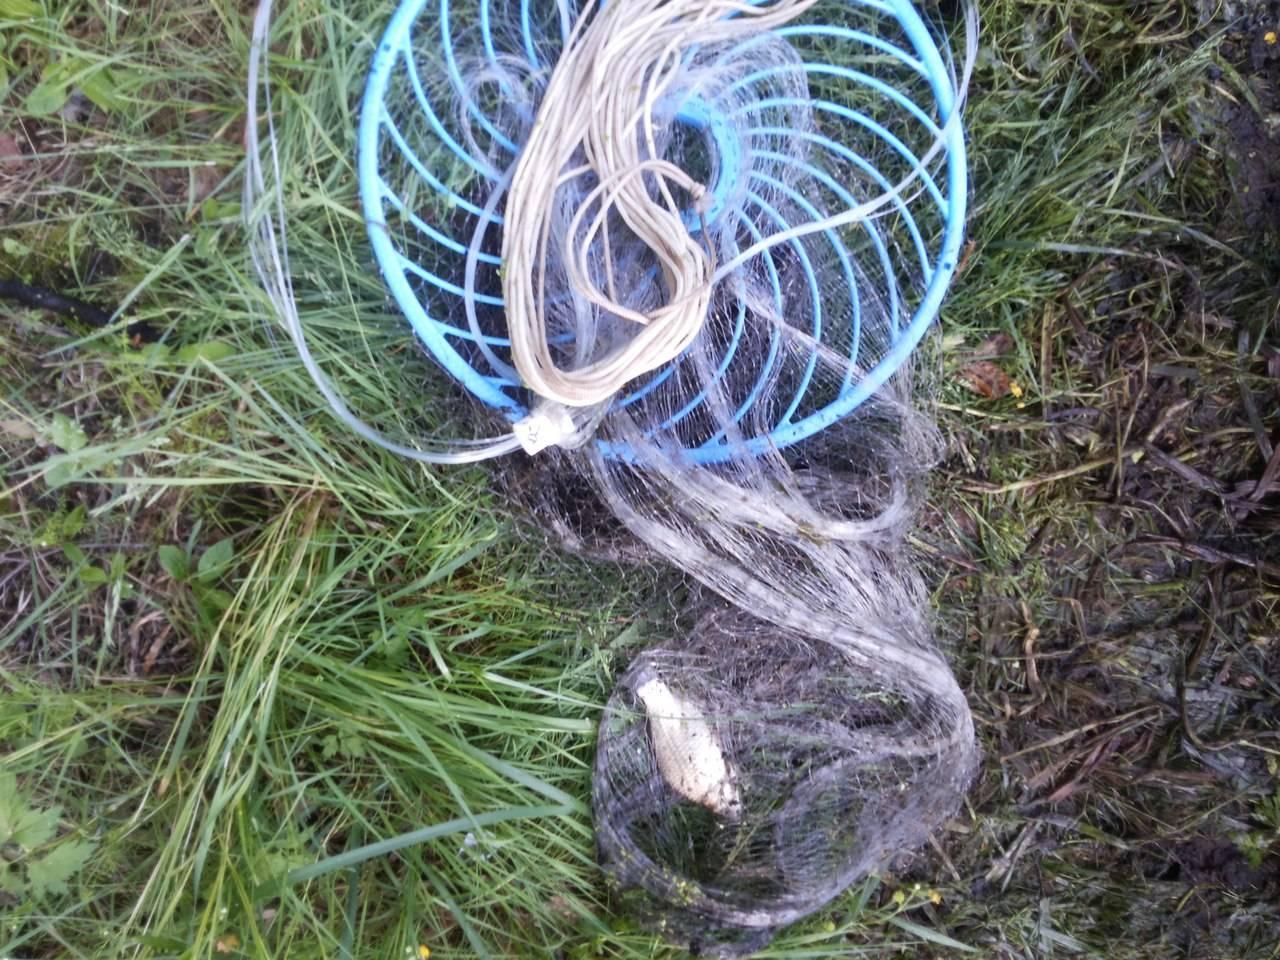 Кастинговая сеть для рыбной ловли: виды снасти, изготовление своими руками